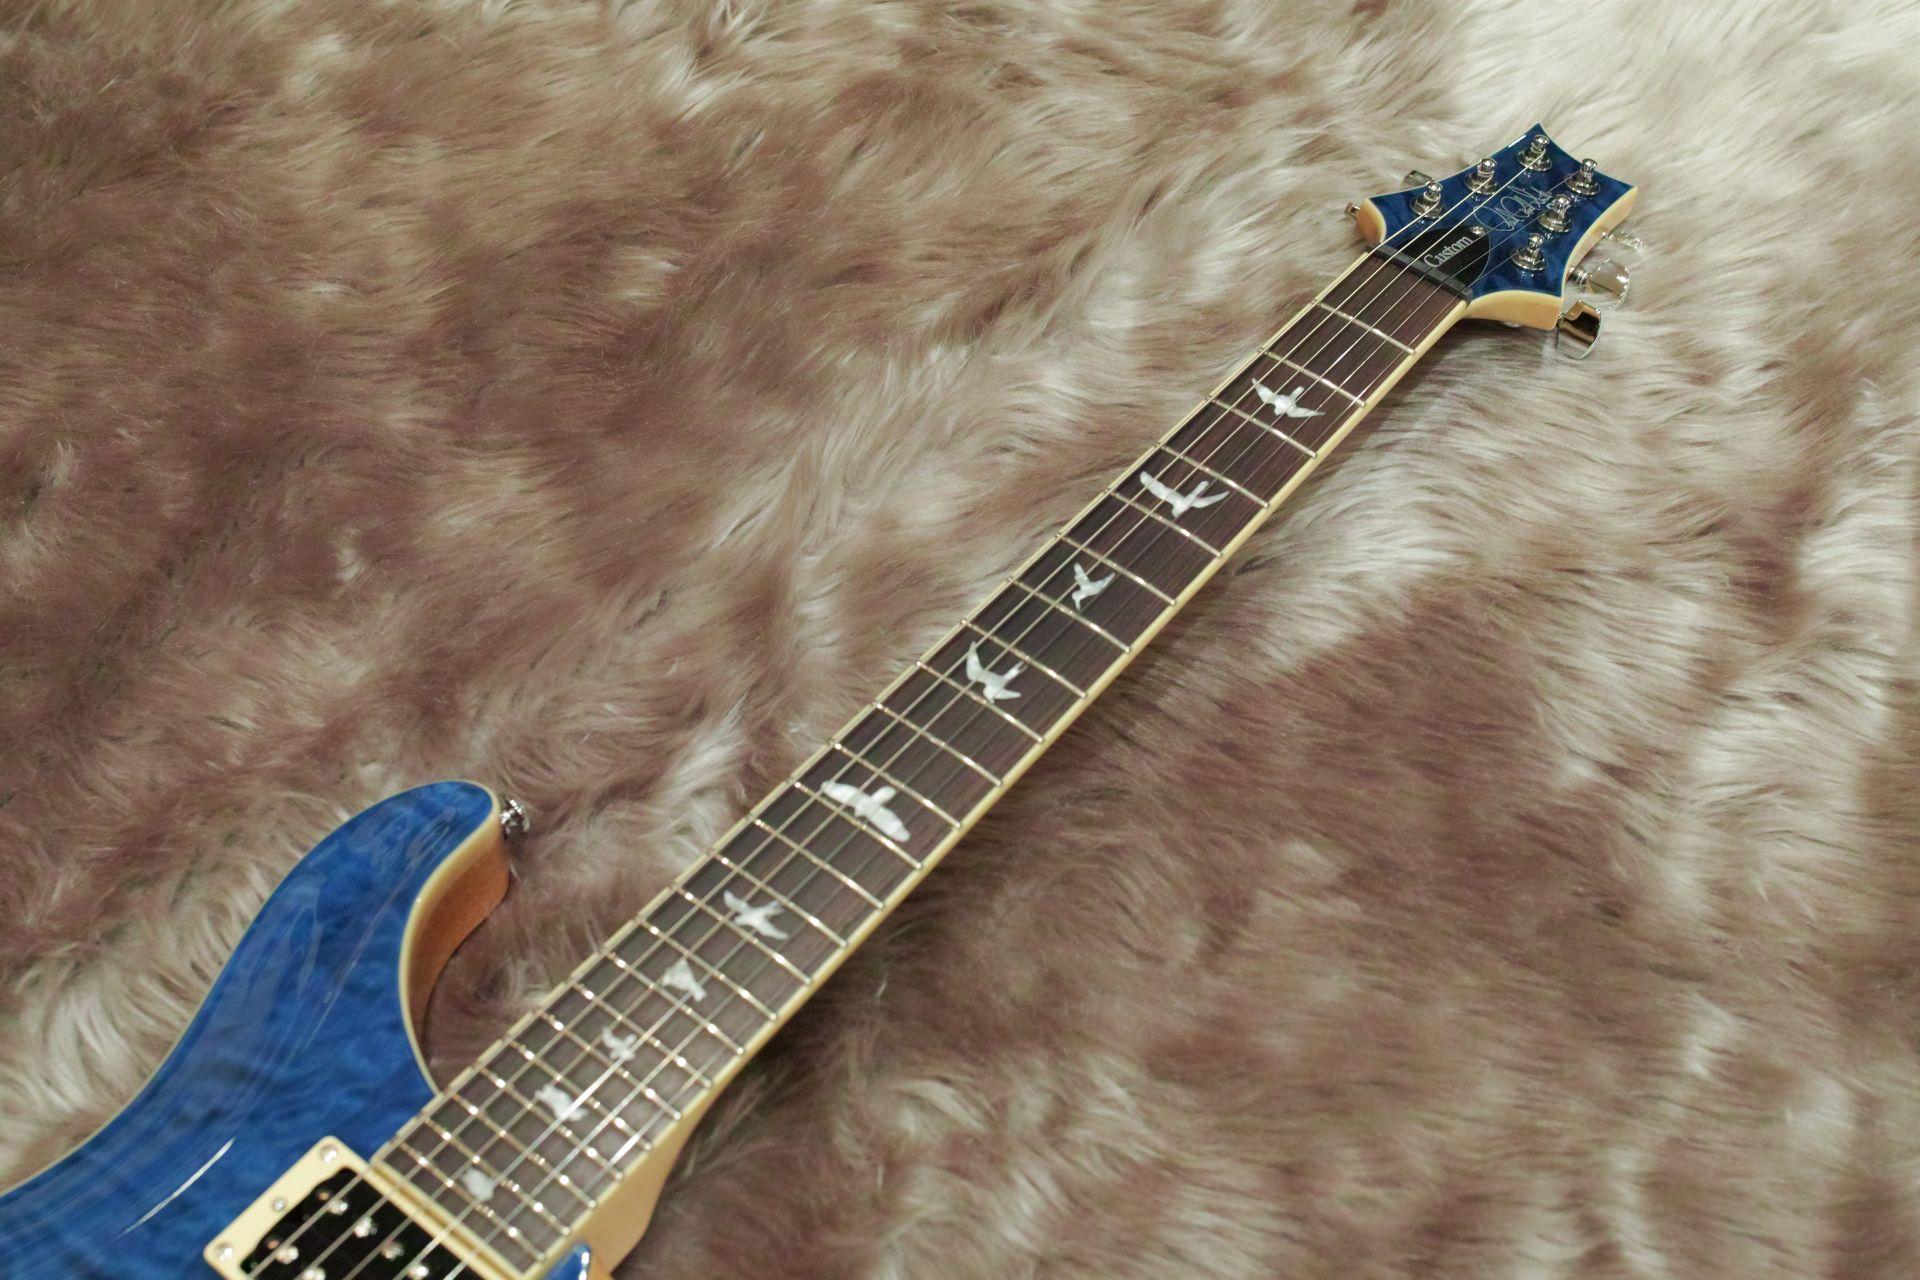 SE Custom 24 QM LTD Blue Matteo【島村限定モデル!】の指板画像